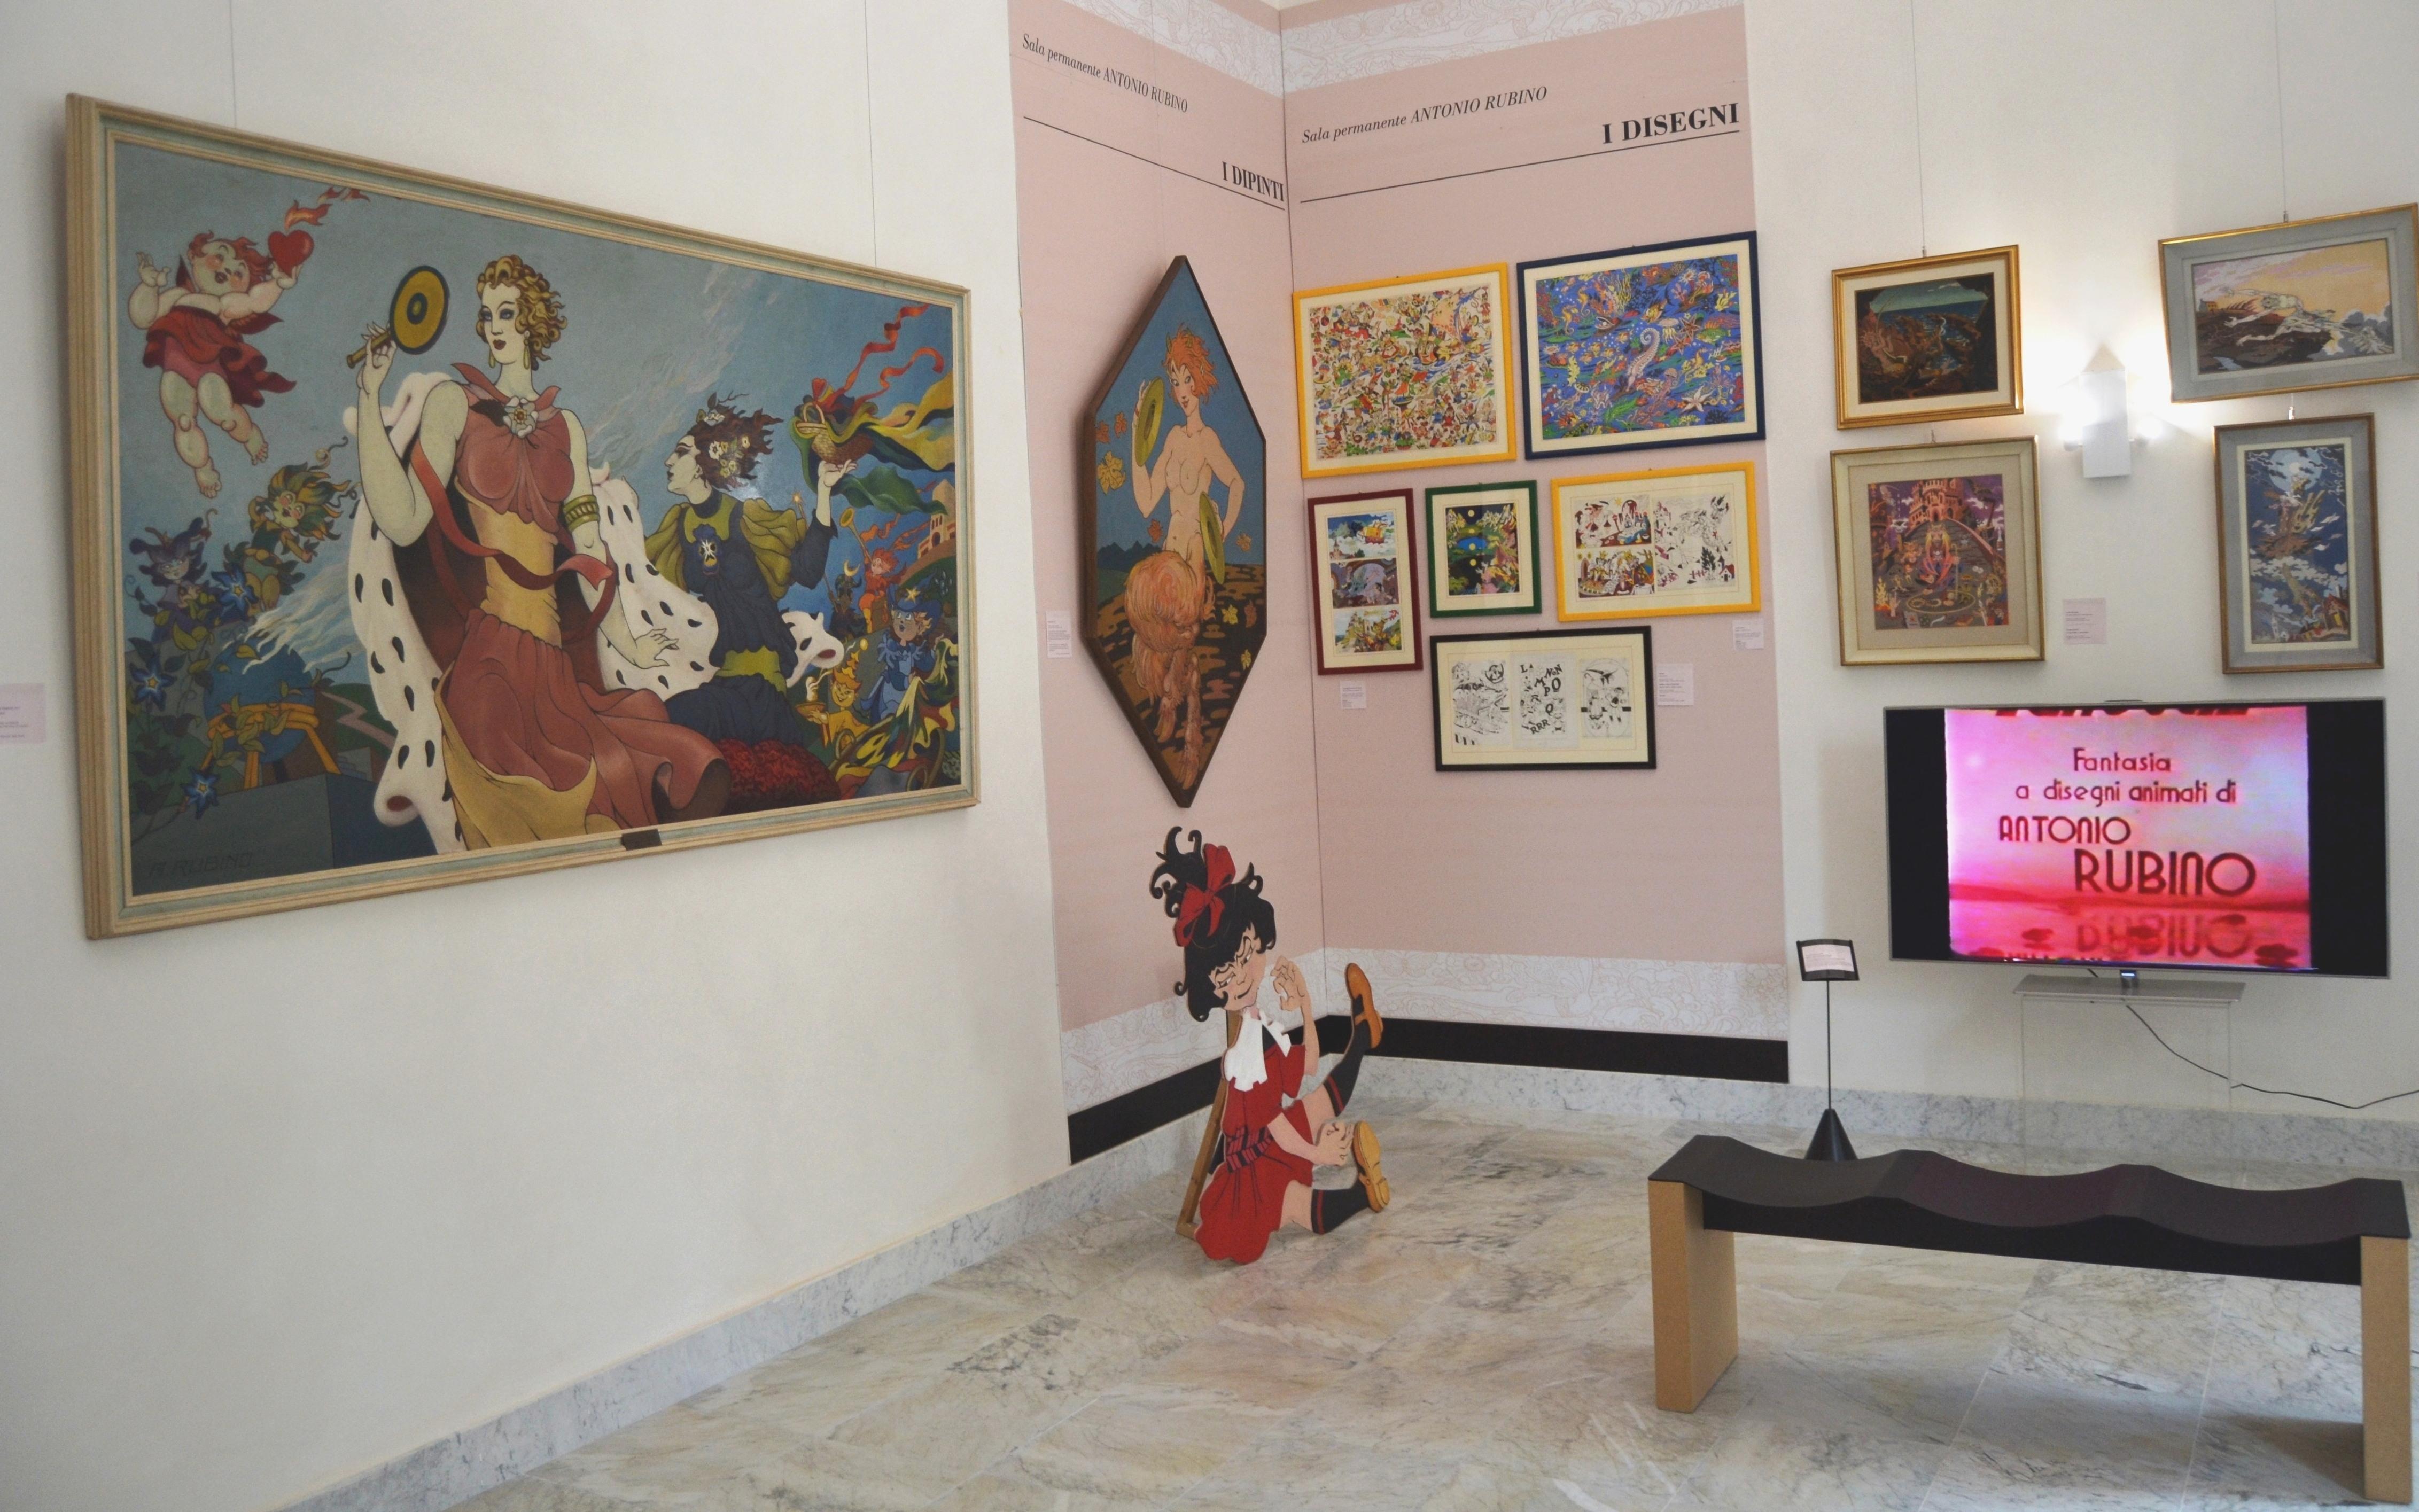 Un viaggio alla scoperta dei tesori del Museo Civico della città di Sanremo